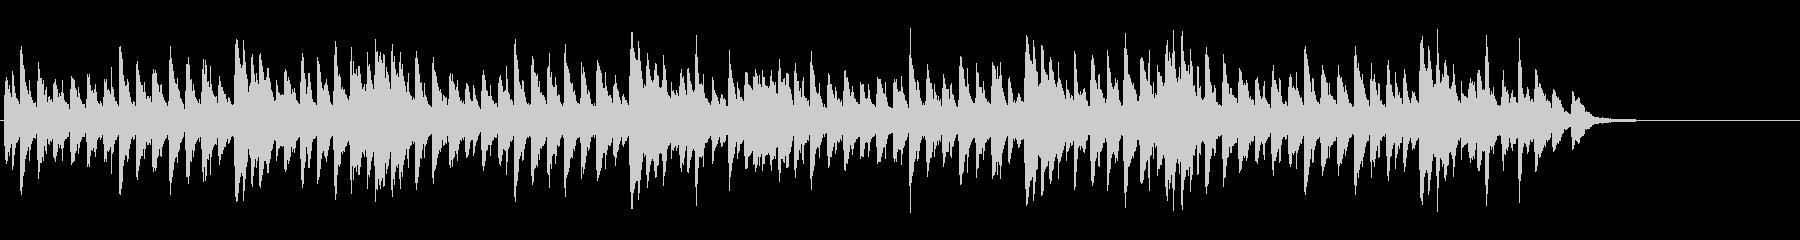 メヌエット BWV814(バッハ作曲)の未再生の波形